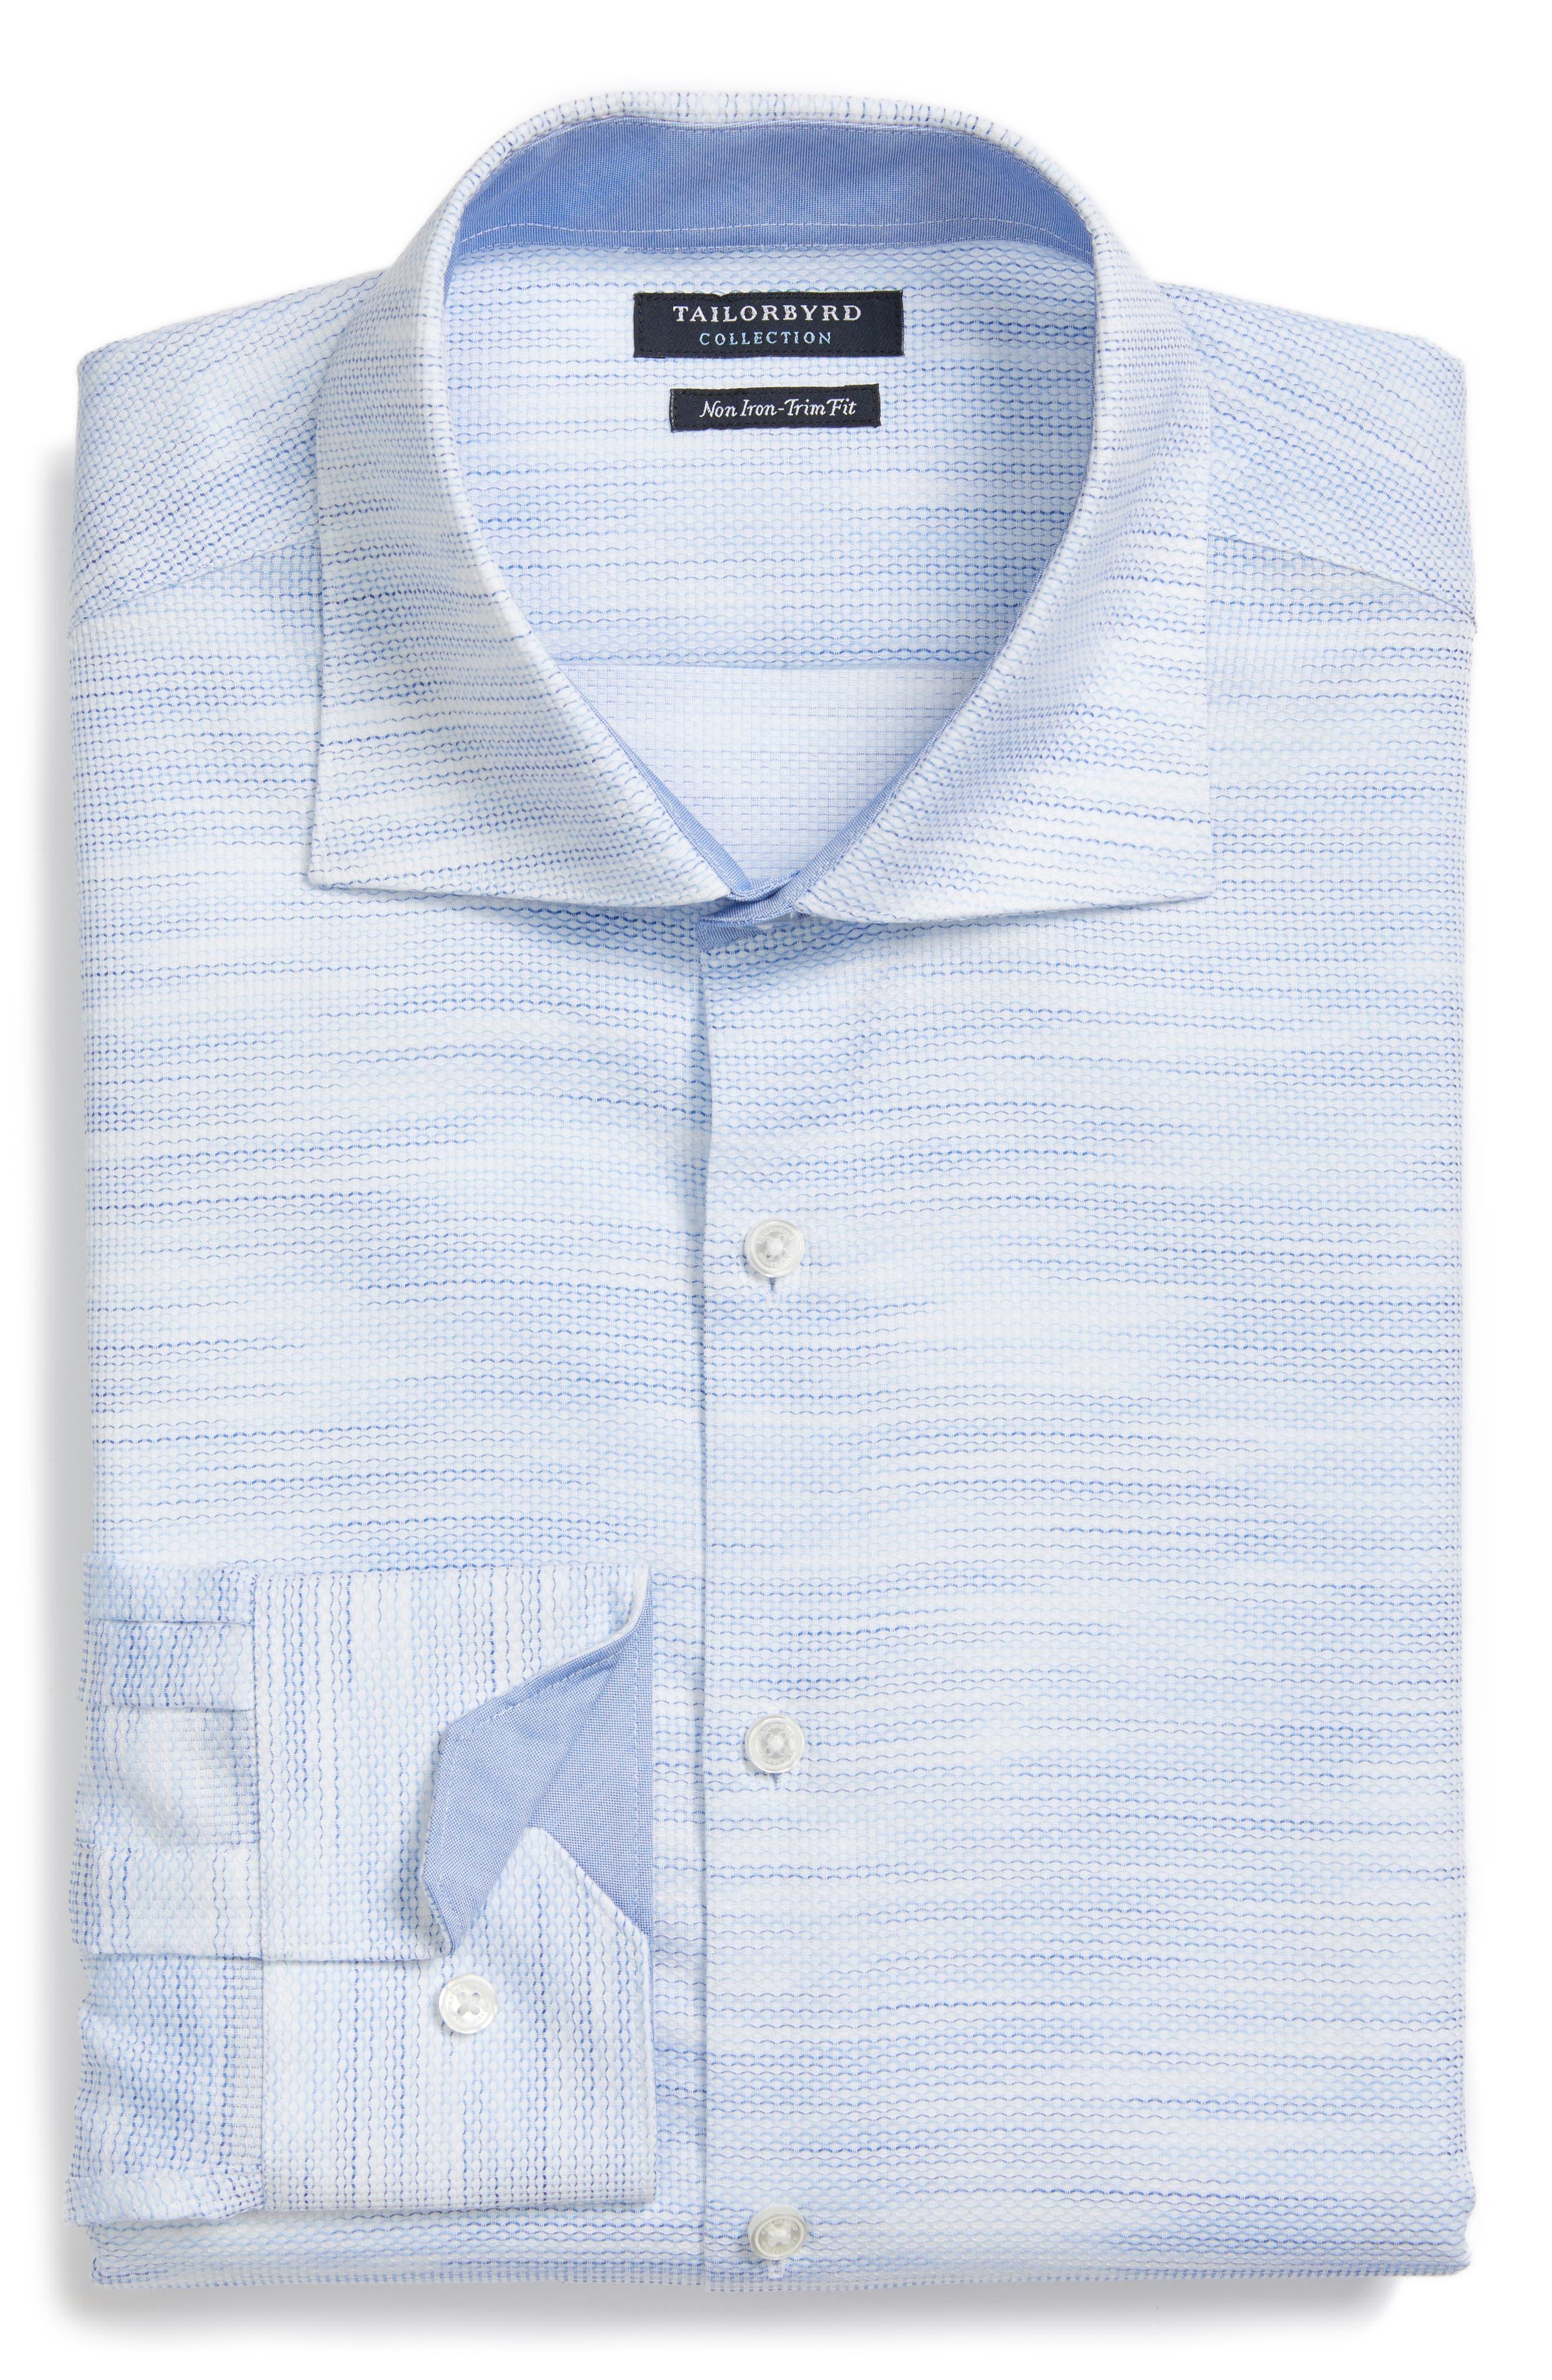 Trim Fit Solid Dress Shirt,                             Alternate thumbnail 3, color,                             400